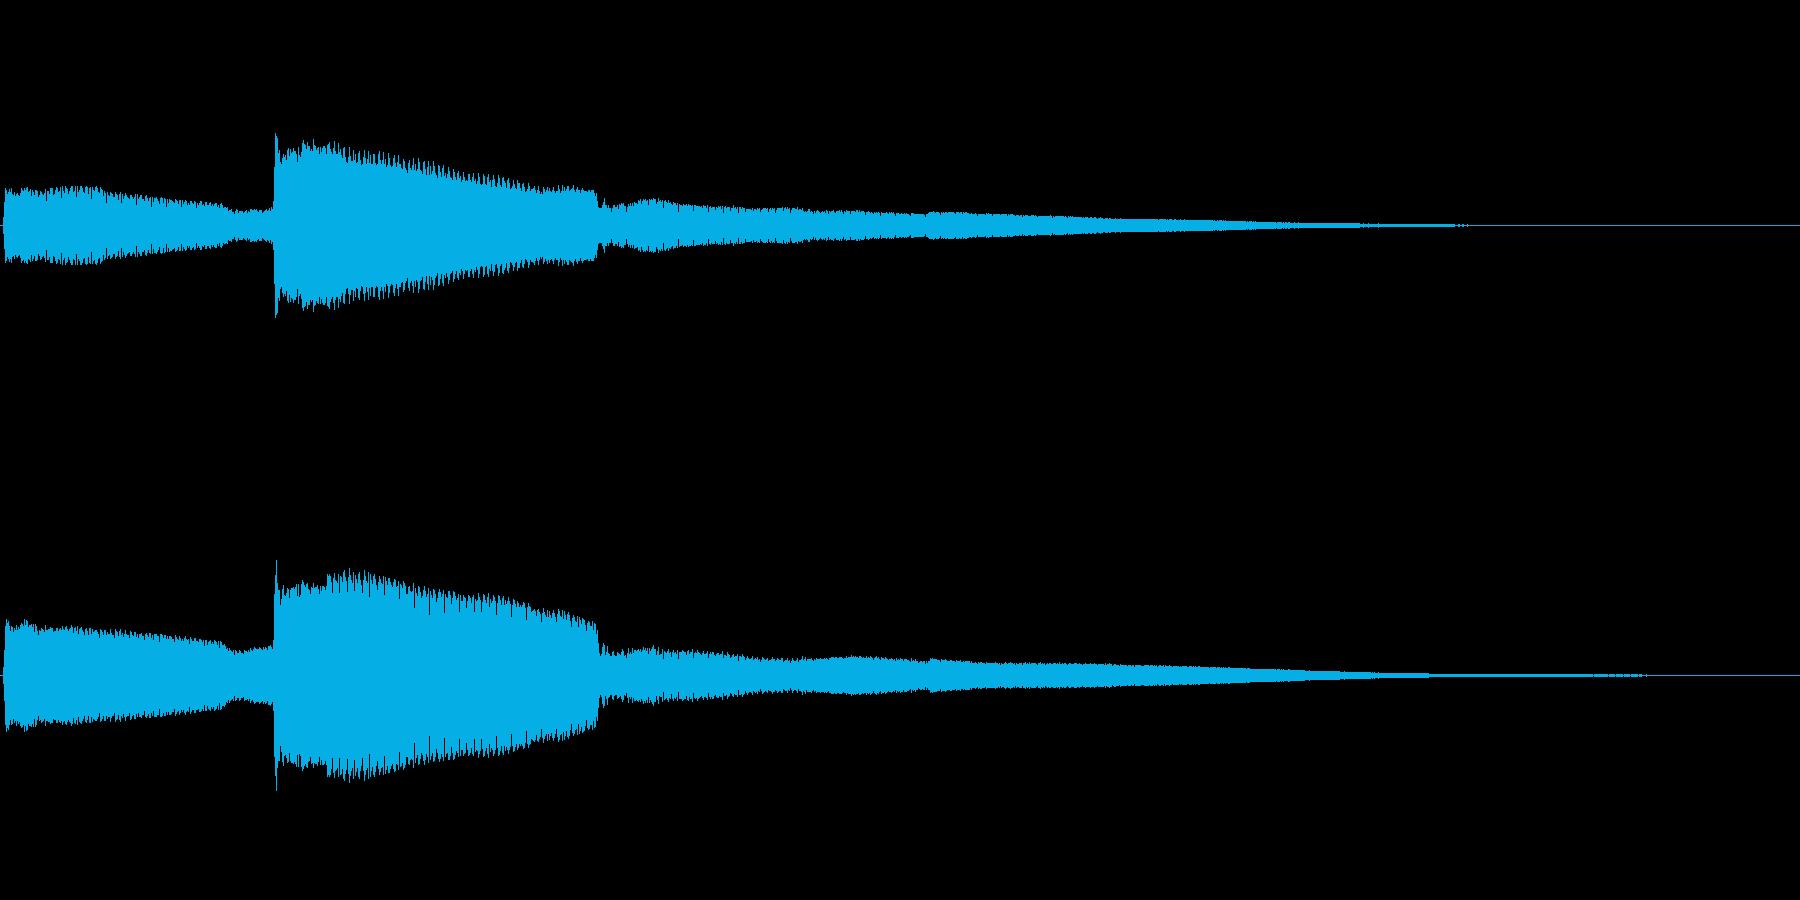 シンプルなコイン取得音(高音)の再生済みの波形